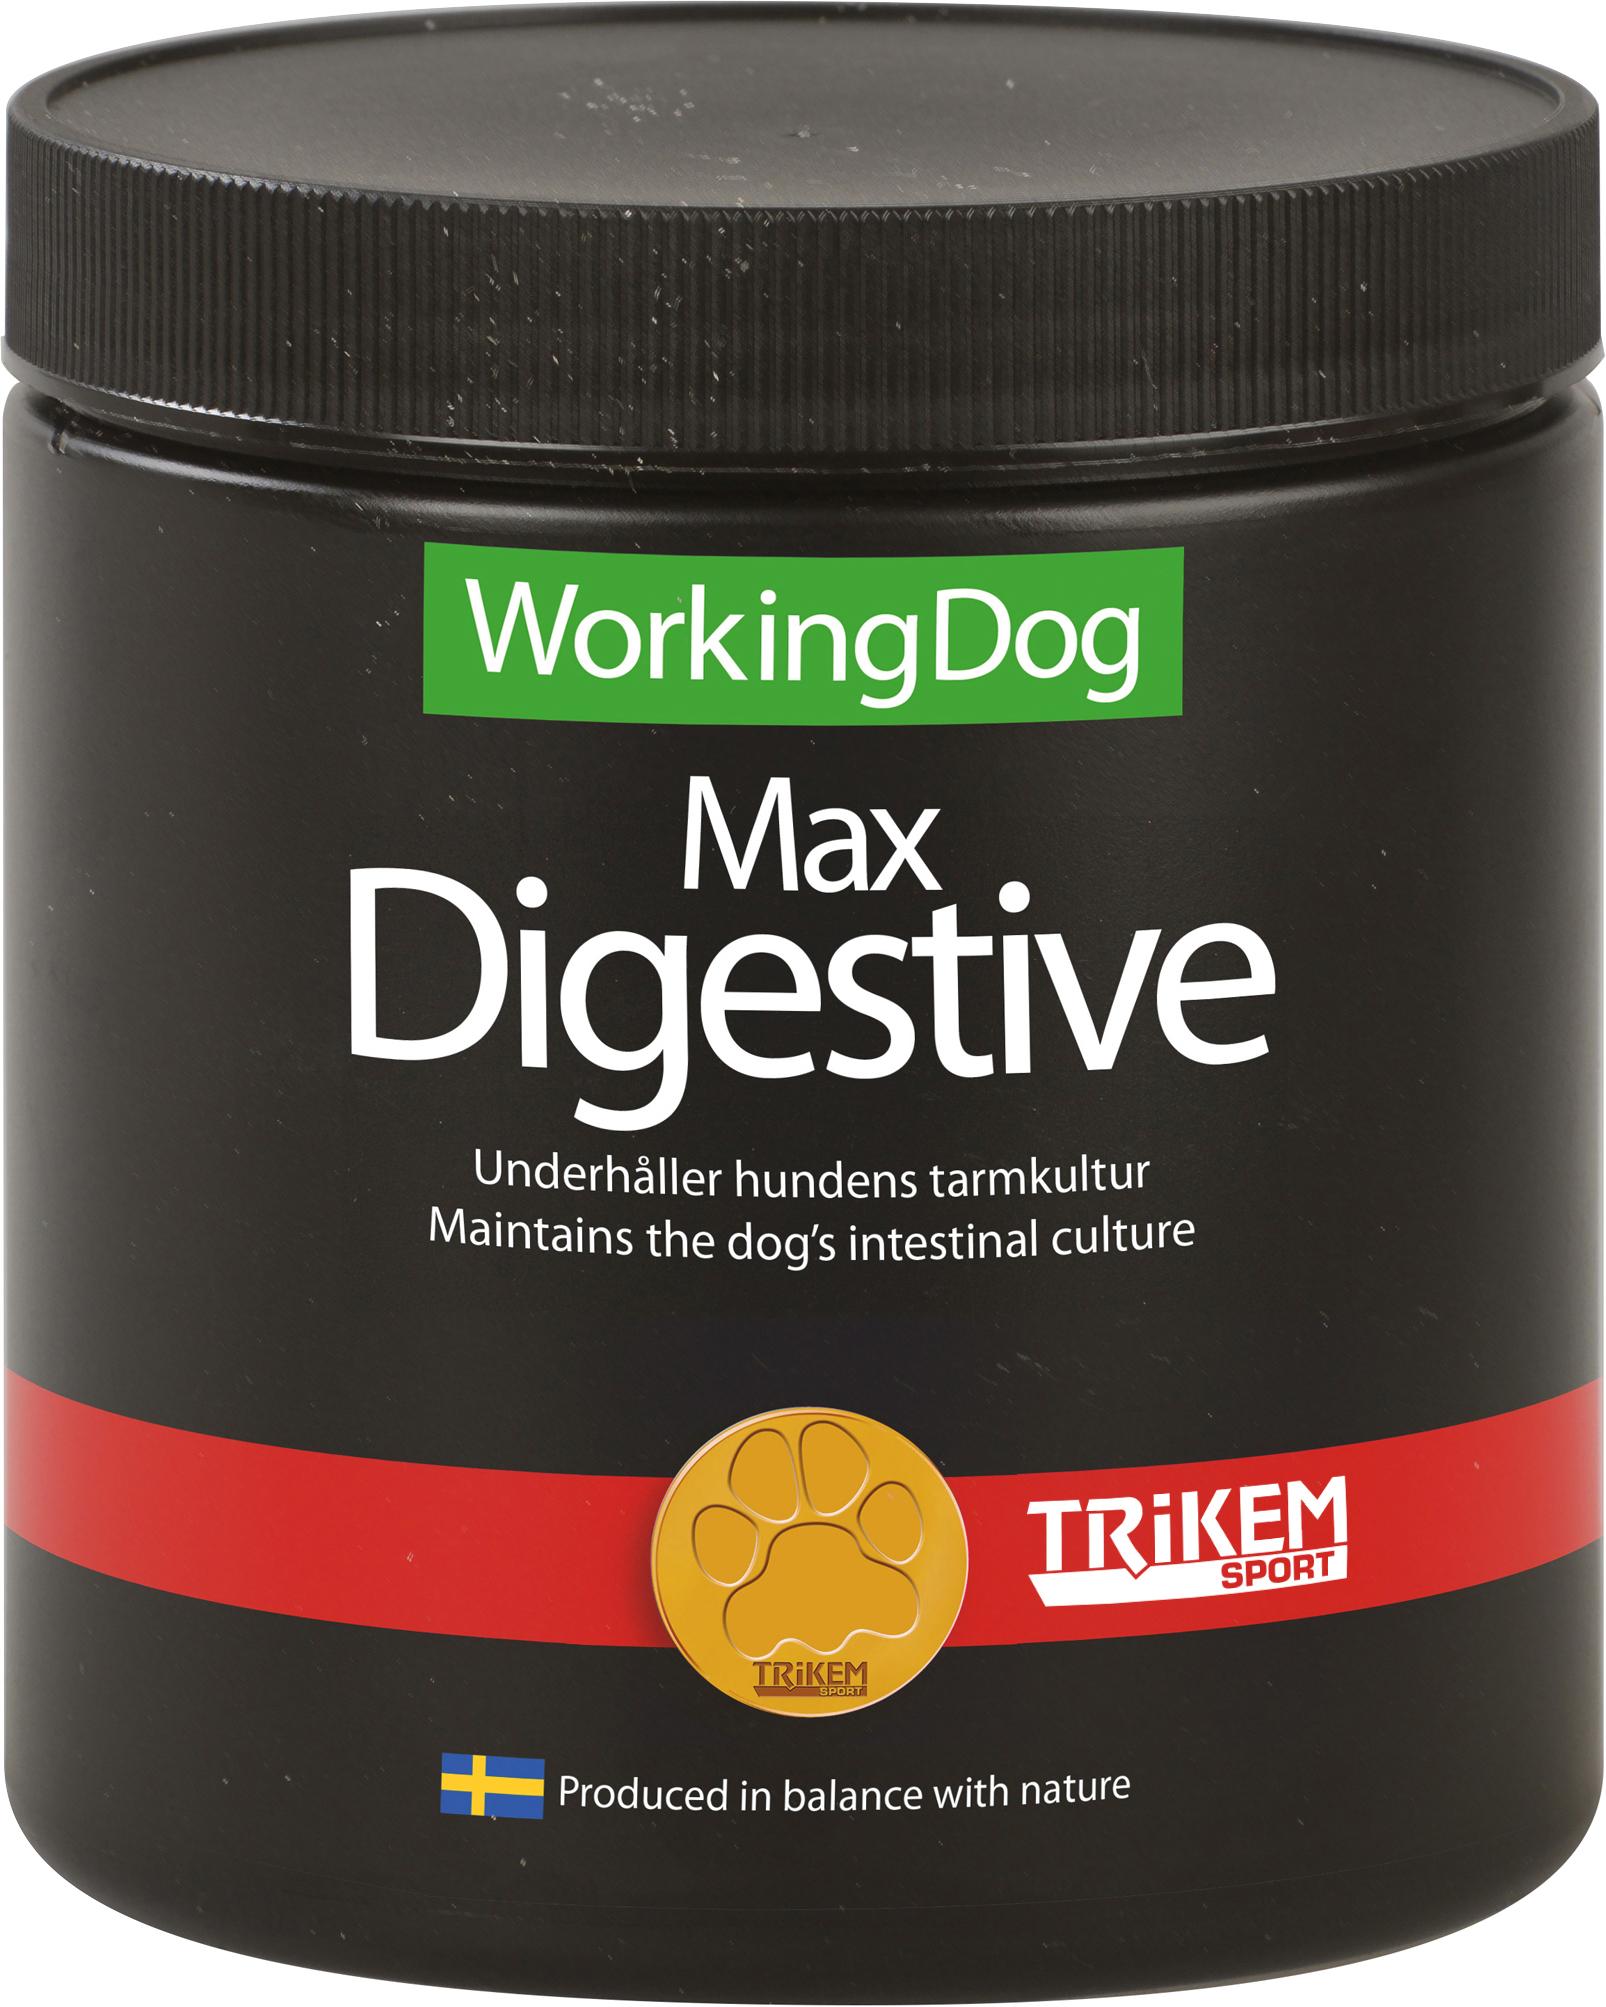 Tillskott Trikem WorkingDog Max Digestive, 600 g